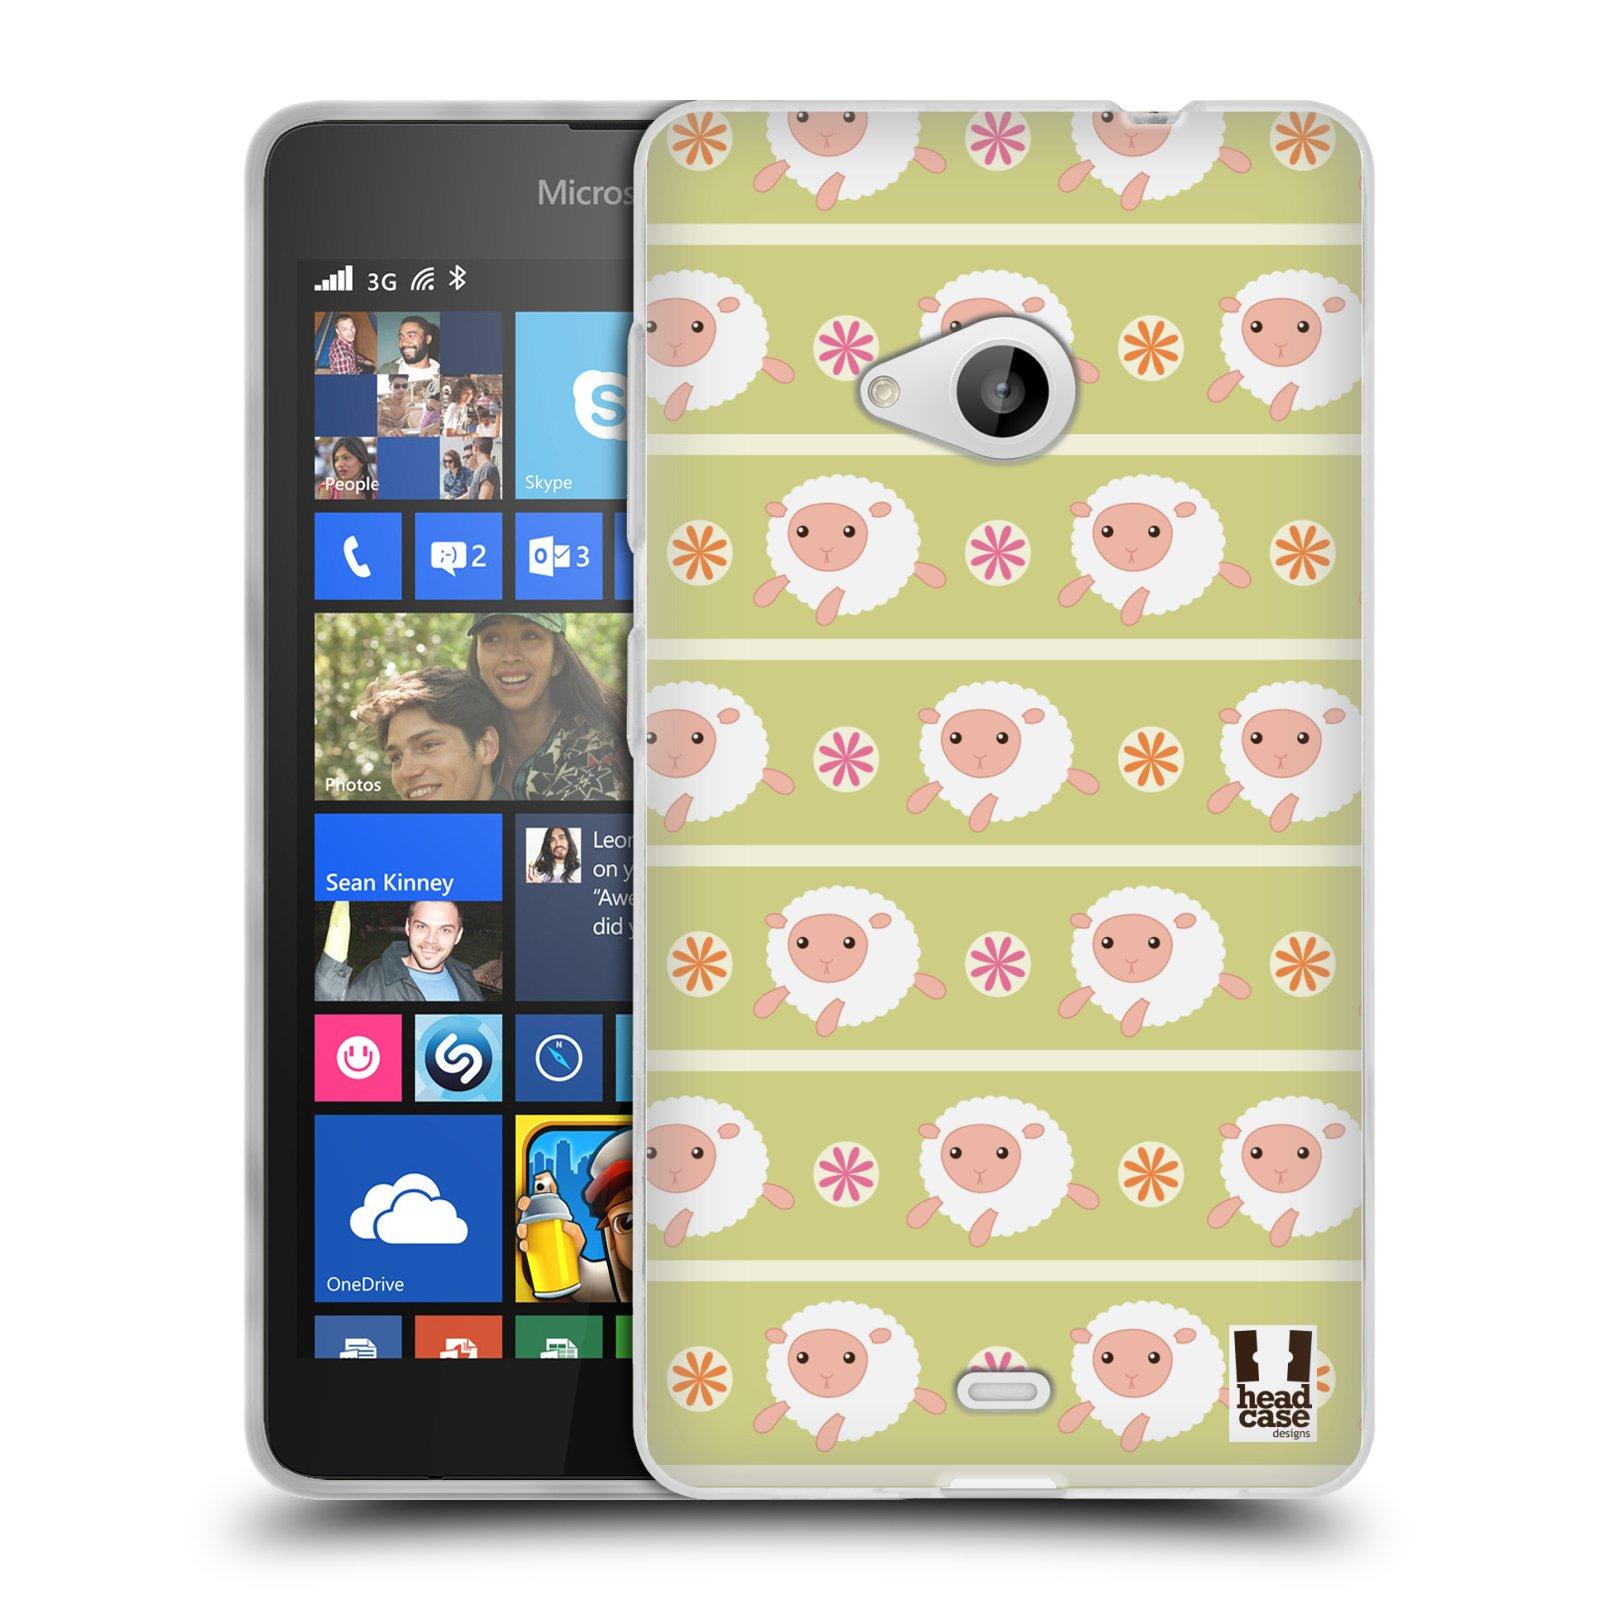 HEAD CASE silikonový obal na mobil Microsoft Lumia 535 / Lumia 535 DUAL vzor roztomilé zvířecí vzory ovečky